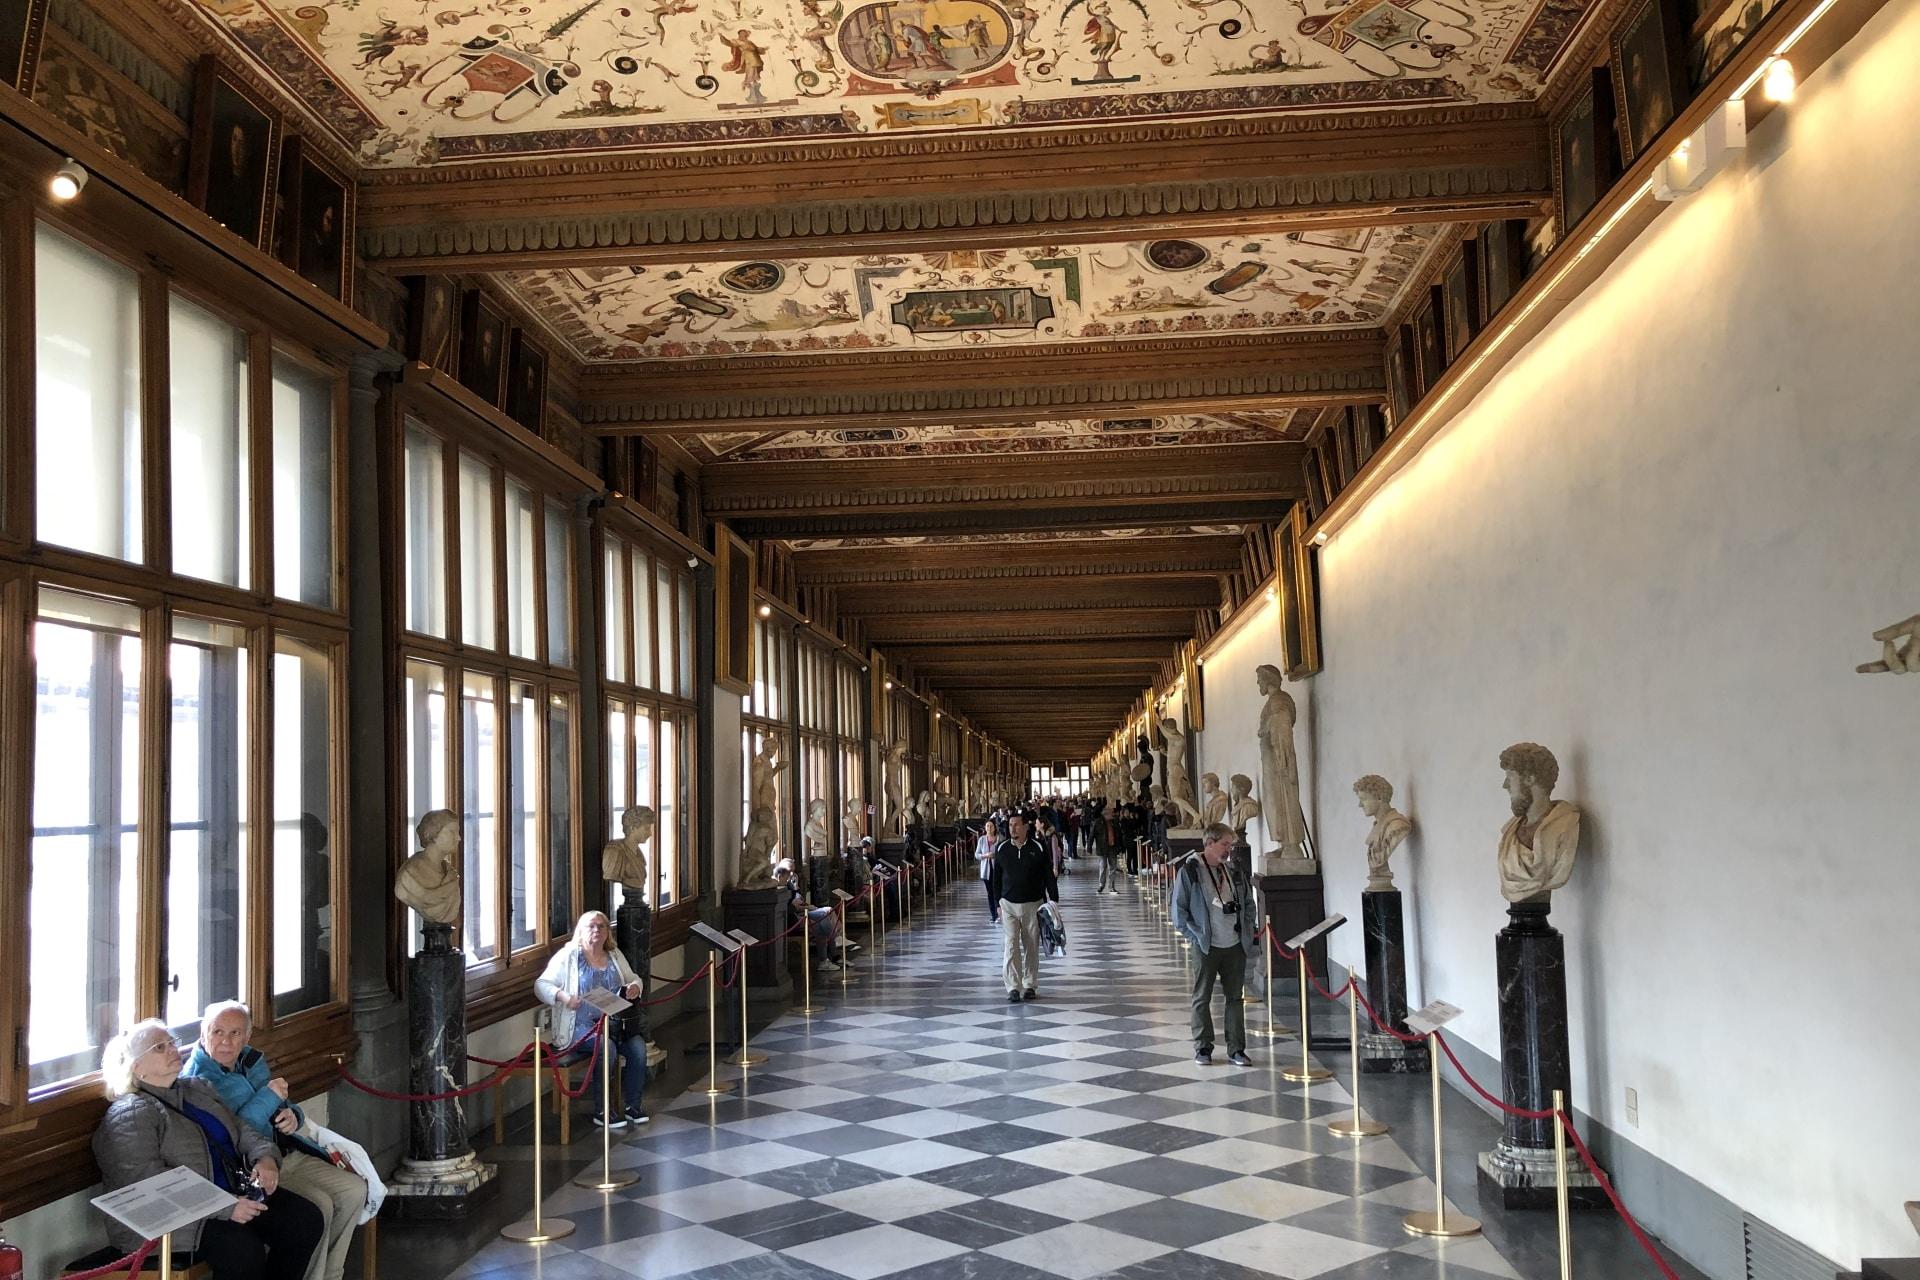 Firenze, corridoio della Galleria degli Uffizi